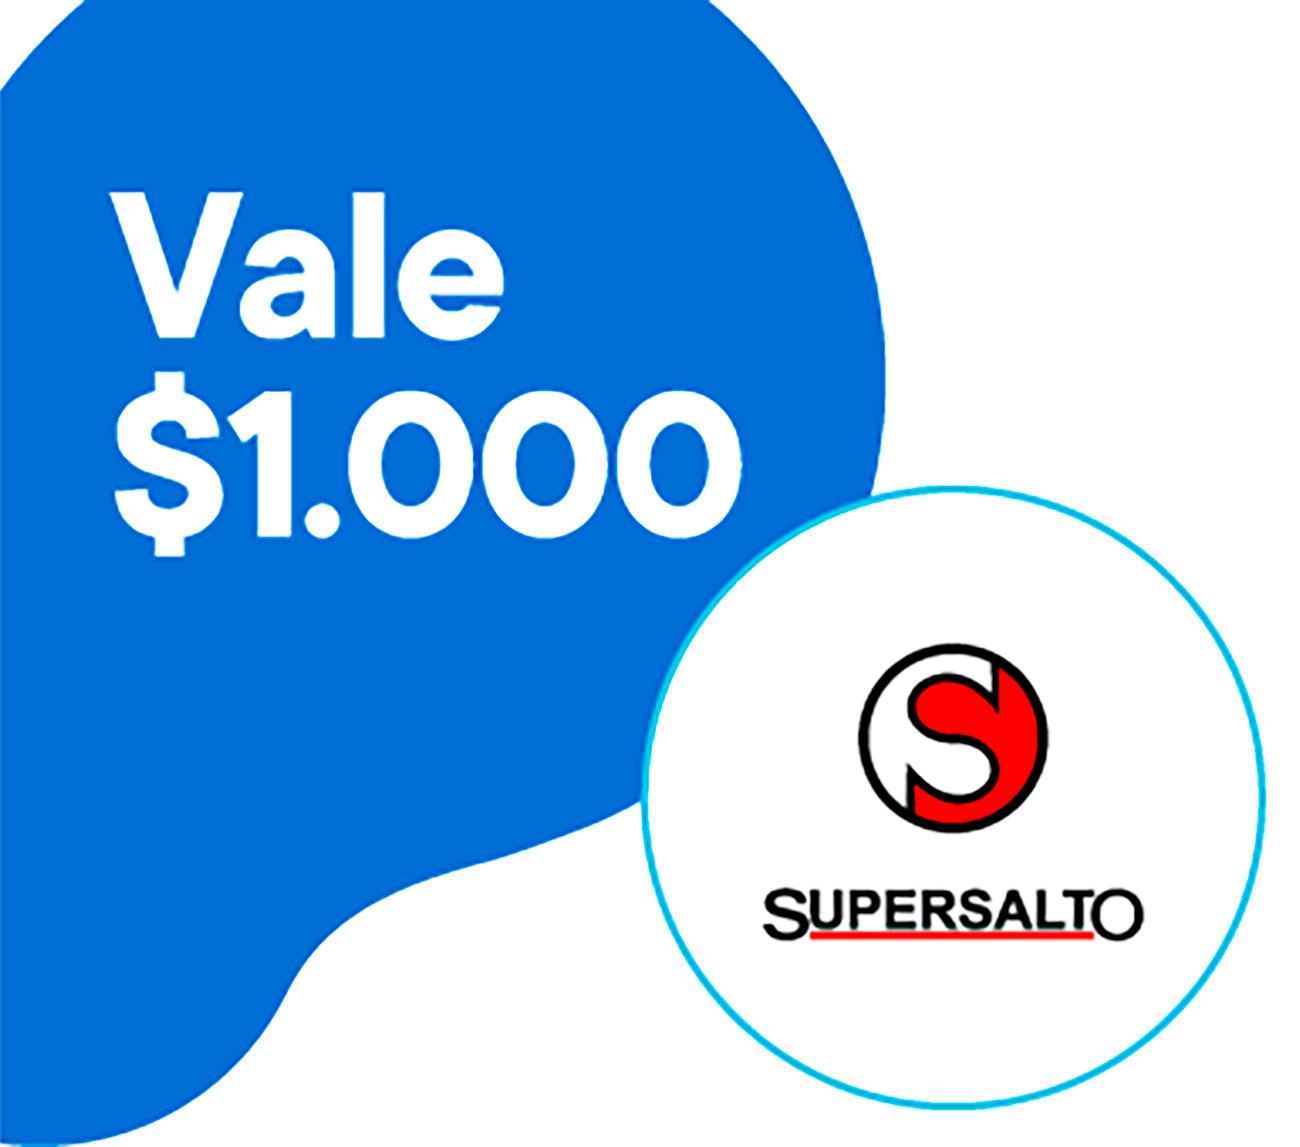 Vale por $1000 para utilizar en Super Salto (Uruguay 862 depto. de Salto). Al realizar el canje recibirás un código en tu mail. Ese código lo tendrás que presentar en la caja. El vale será descontado de tu compra en su totalidad.